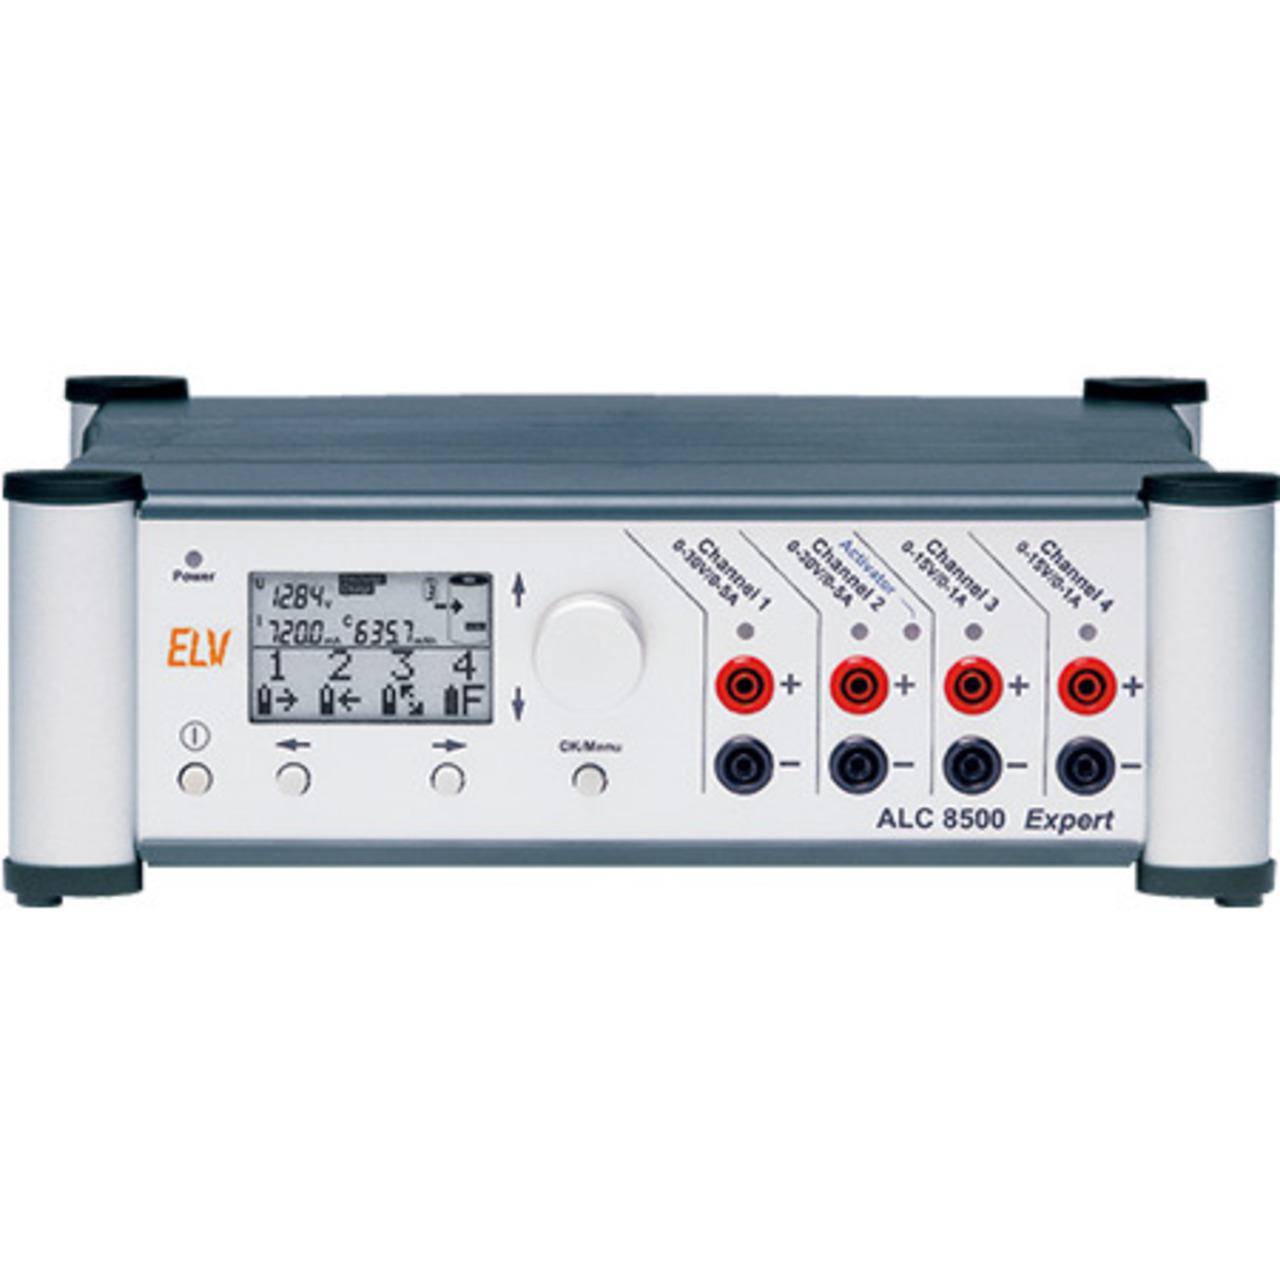 ELV Komplettbausatz Akku-Lade-Center ALC 8500 Expert-2- inkl- PC-Software- USB 2-0 Kabel